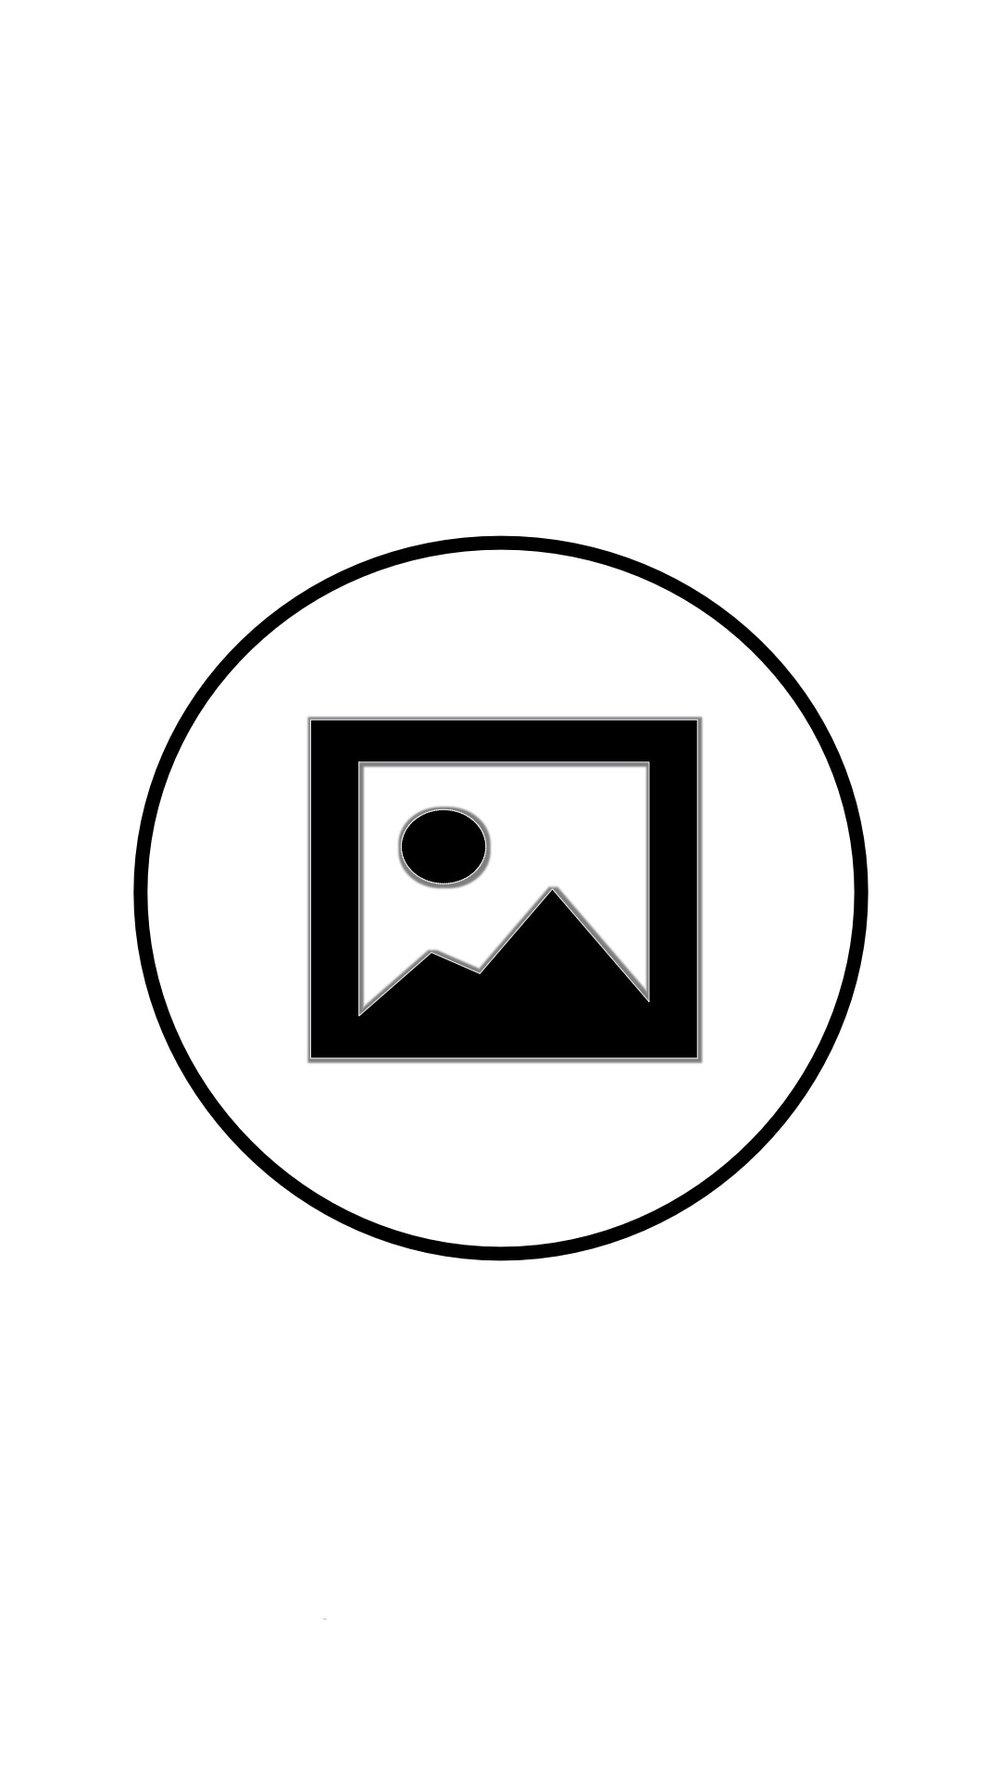 Instagram-cover-photo-blackwhite-lotnotes.com.jpg